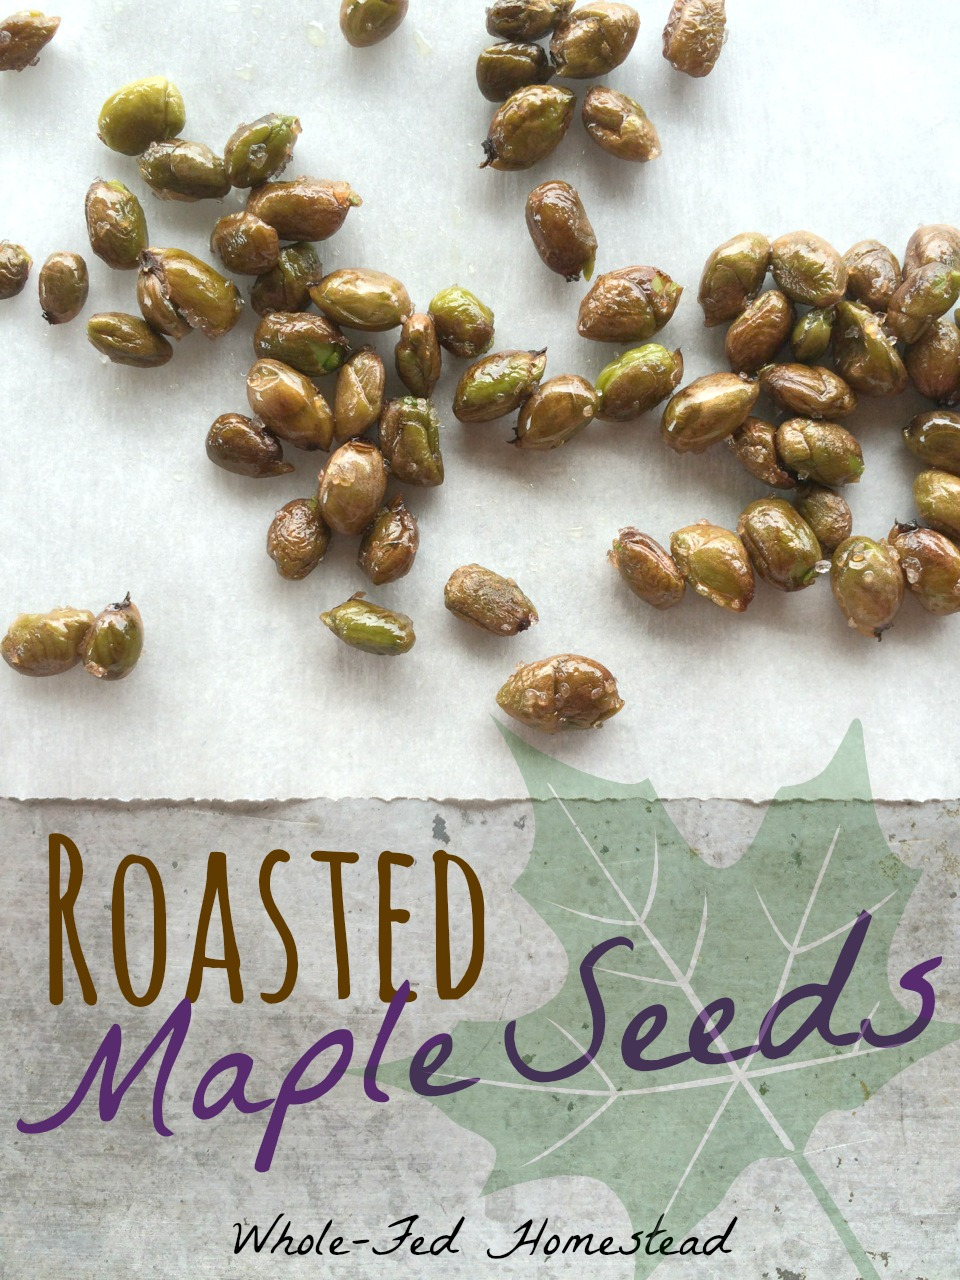 Roasted Maple Seeds